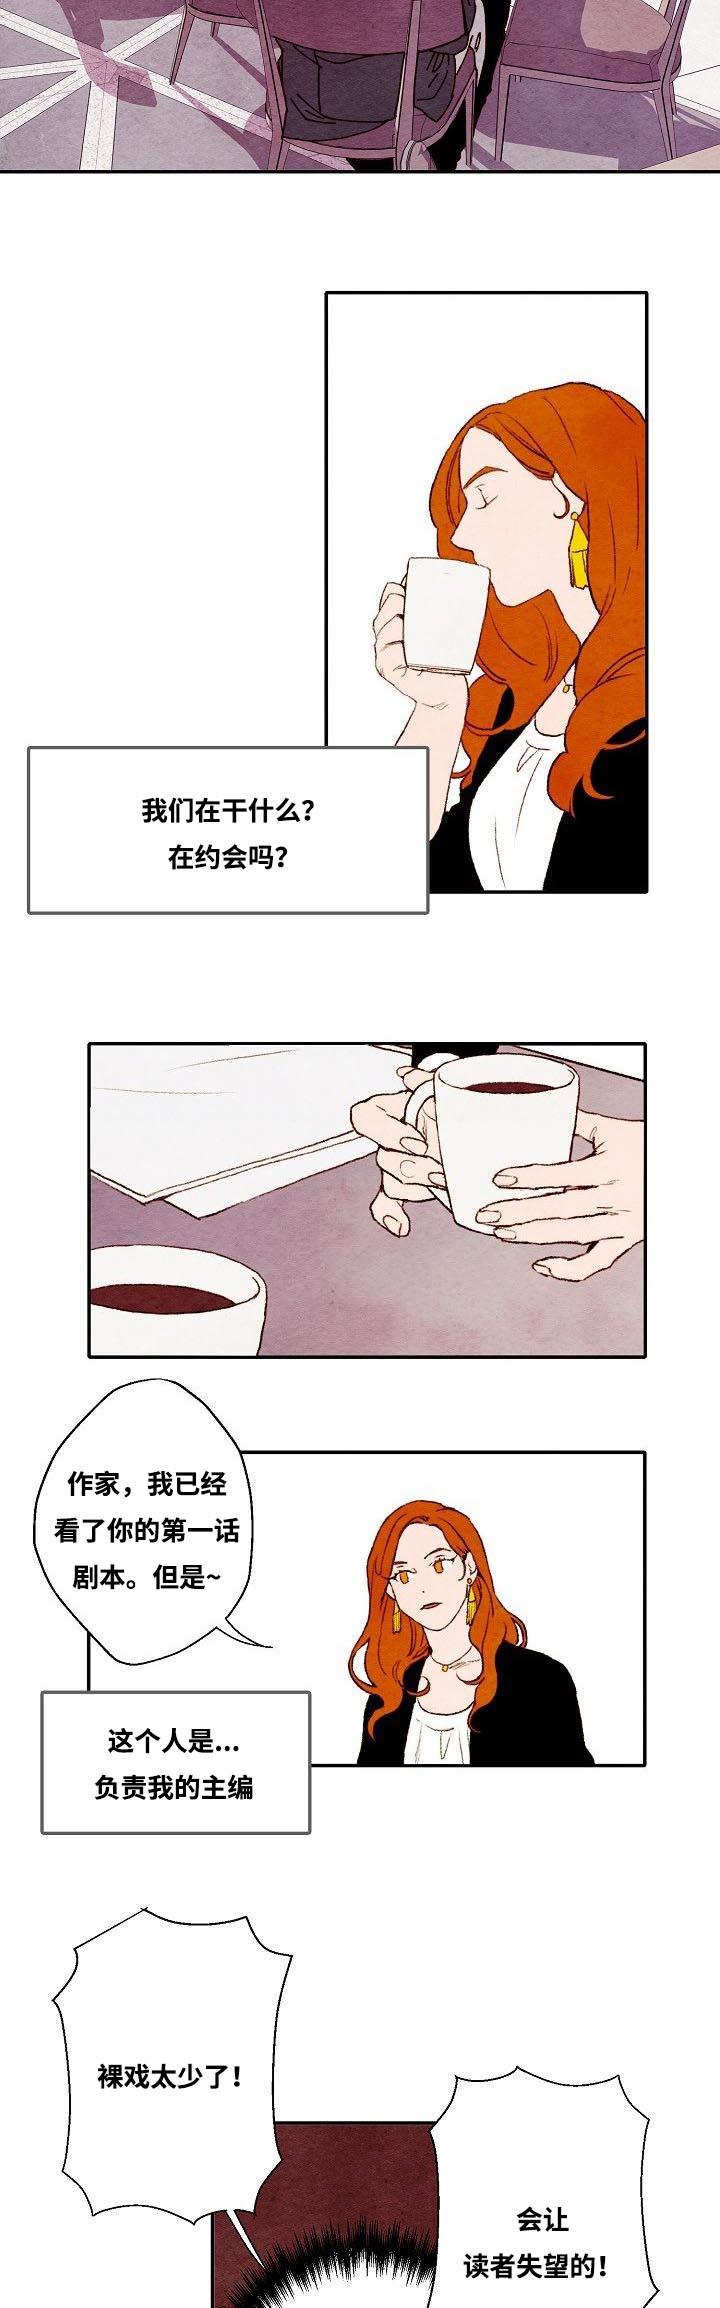 《我的助手大人》漫画 韩漫 汉化完整版在线阅读